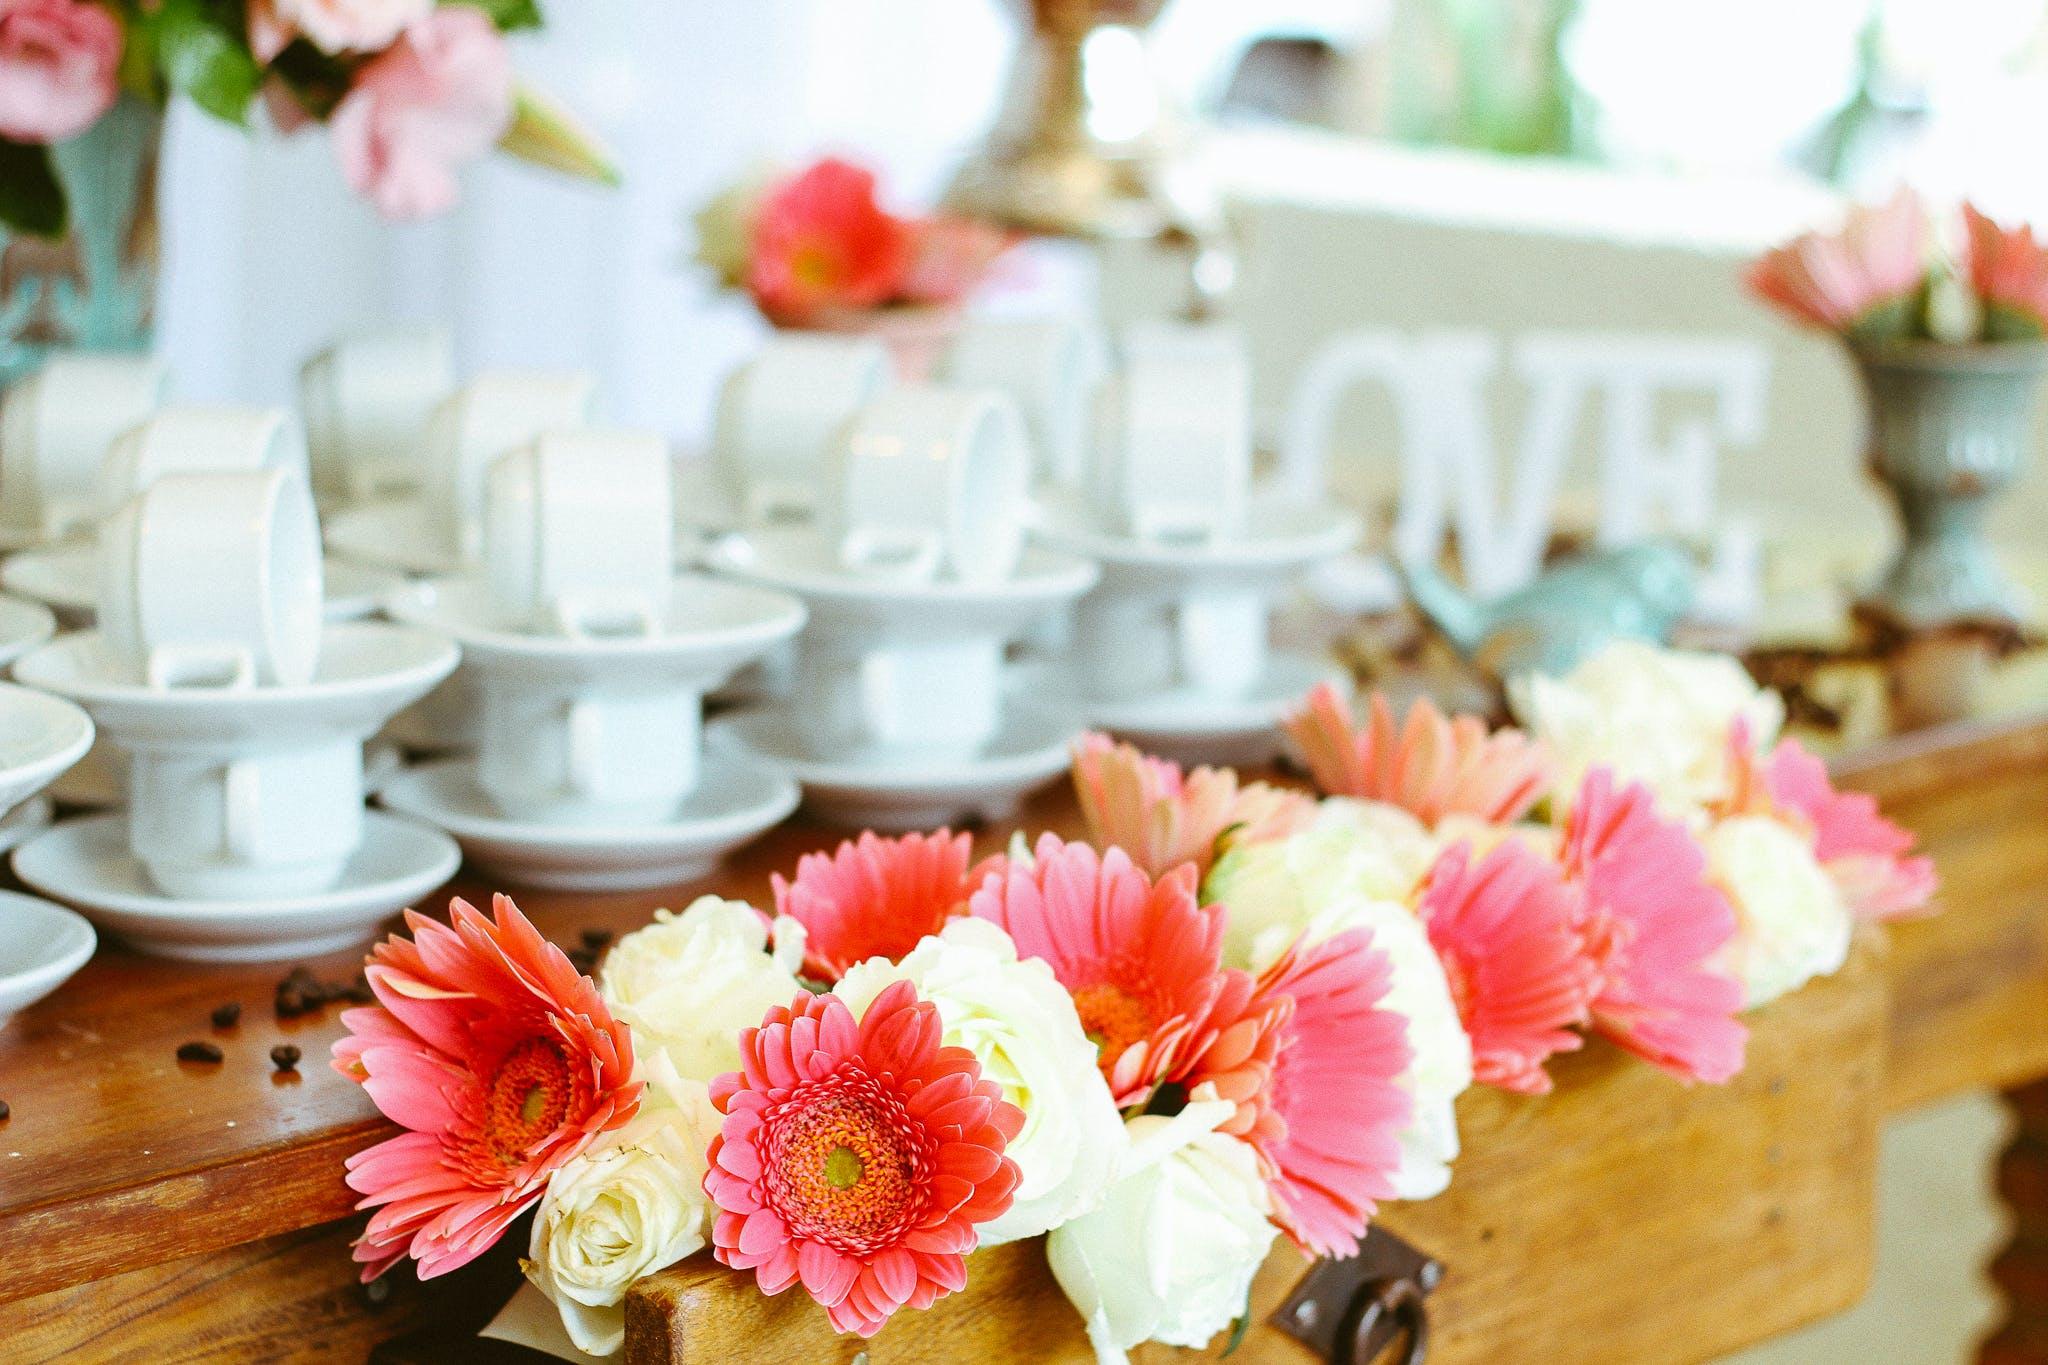 Pink Petaled Flower Arrangement on Desk